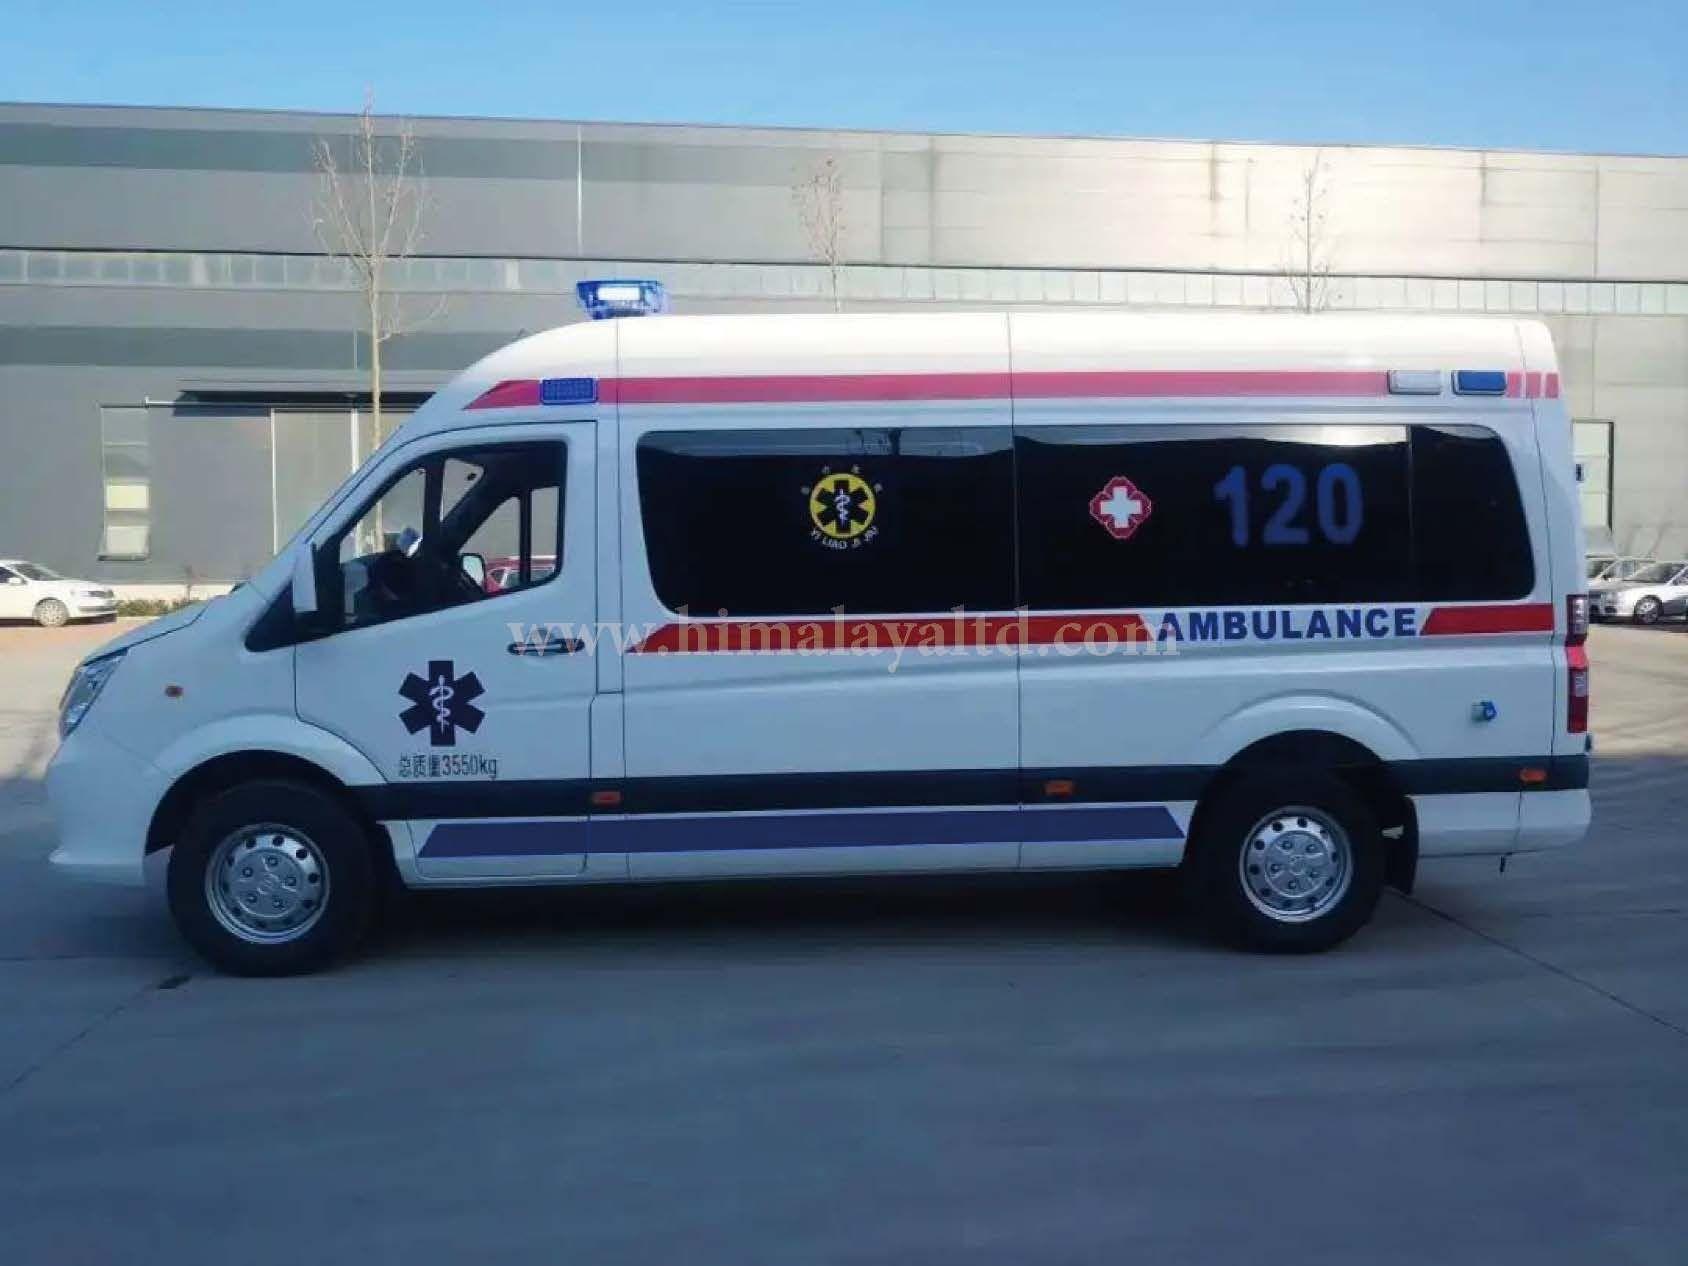 Negative Pressure Ambulance Covid-19 Ambulance Transfer Ambulance Mobile N95 Ambulance